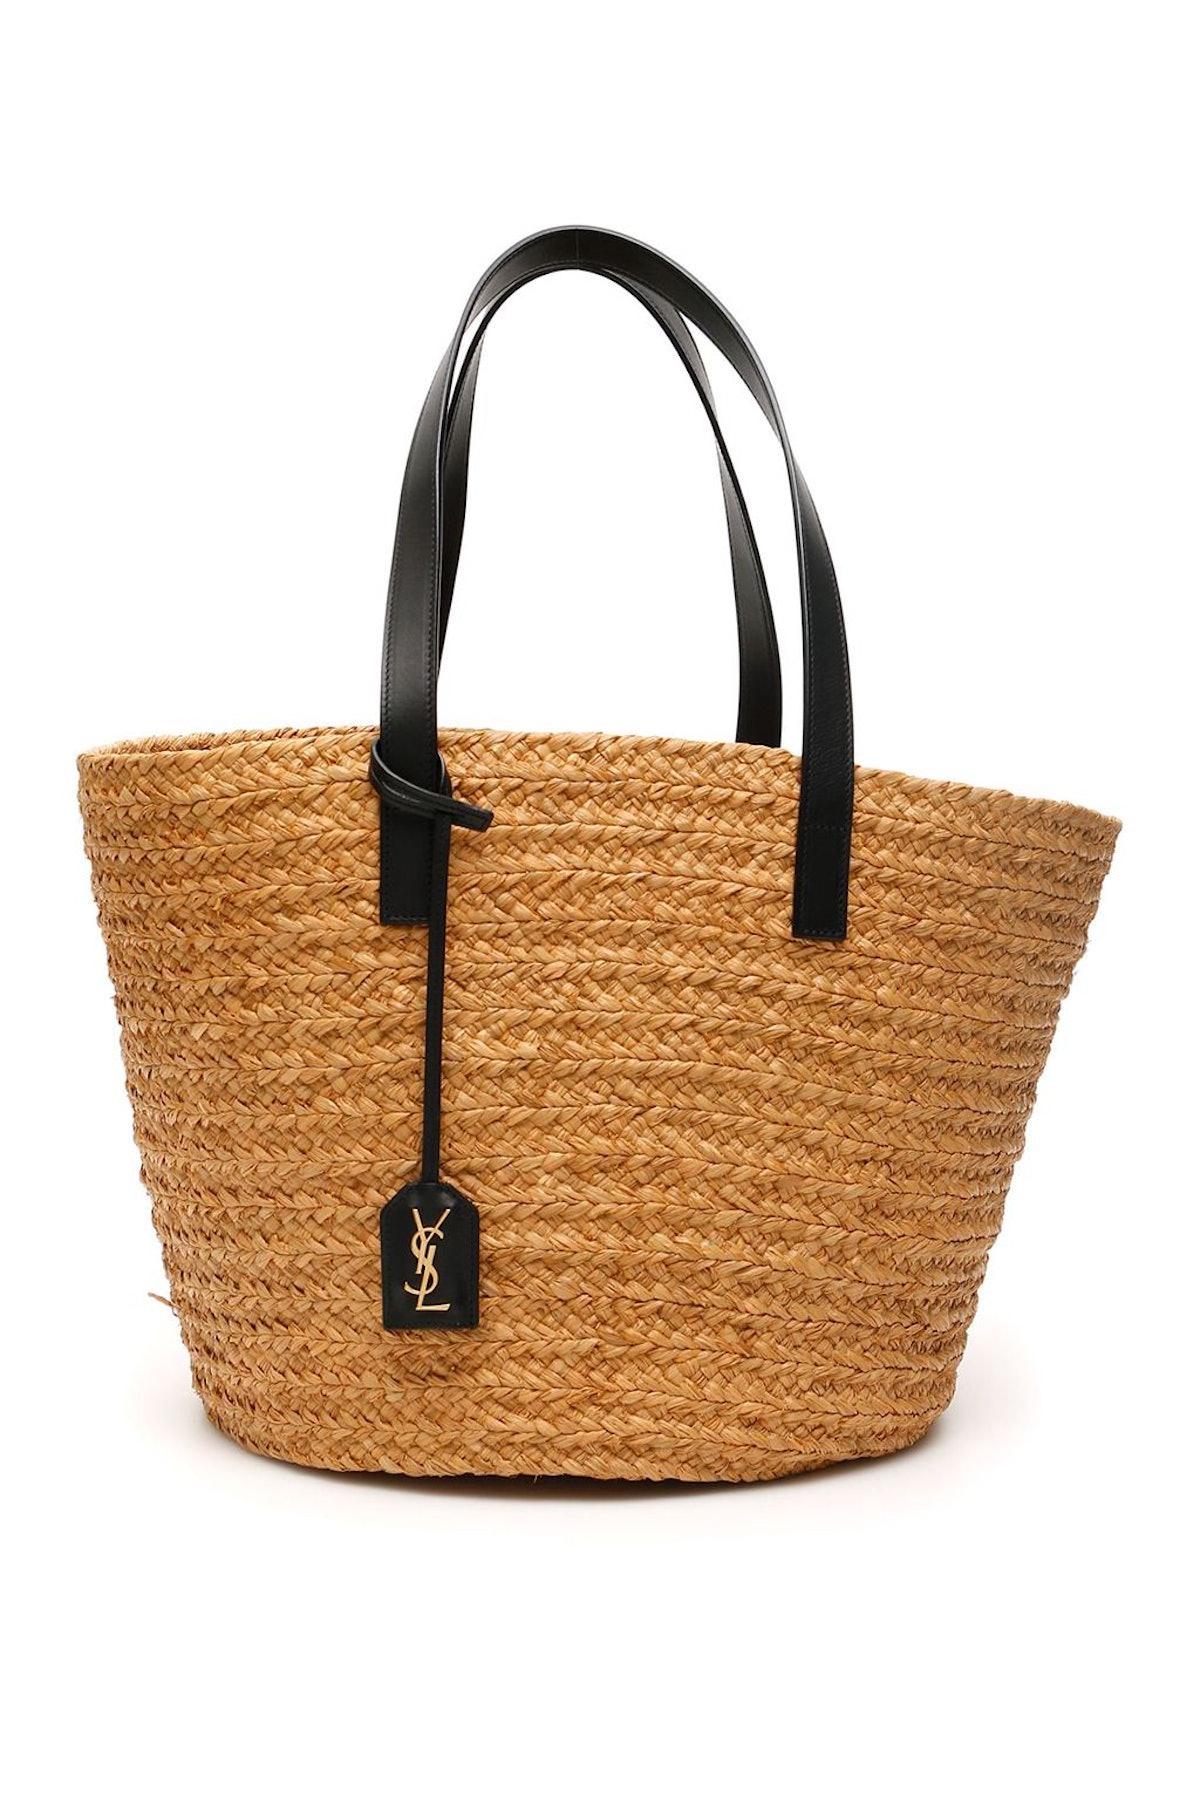 Saint Laurent Panier Bag: additional image